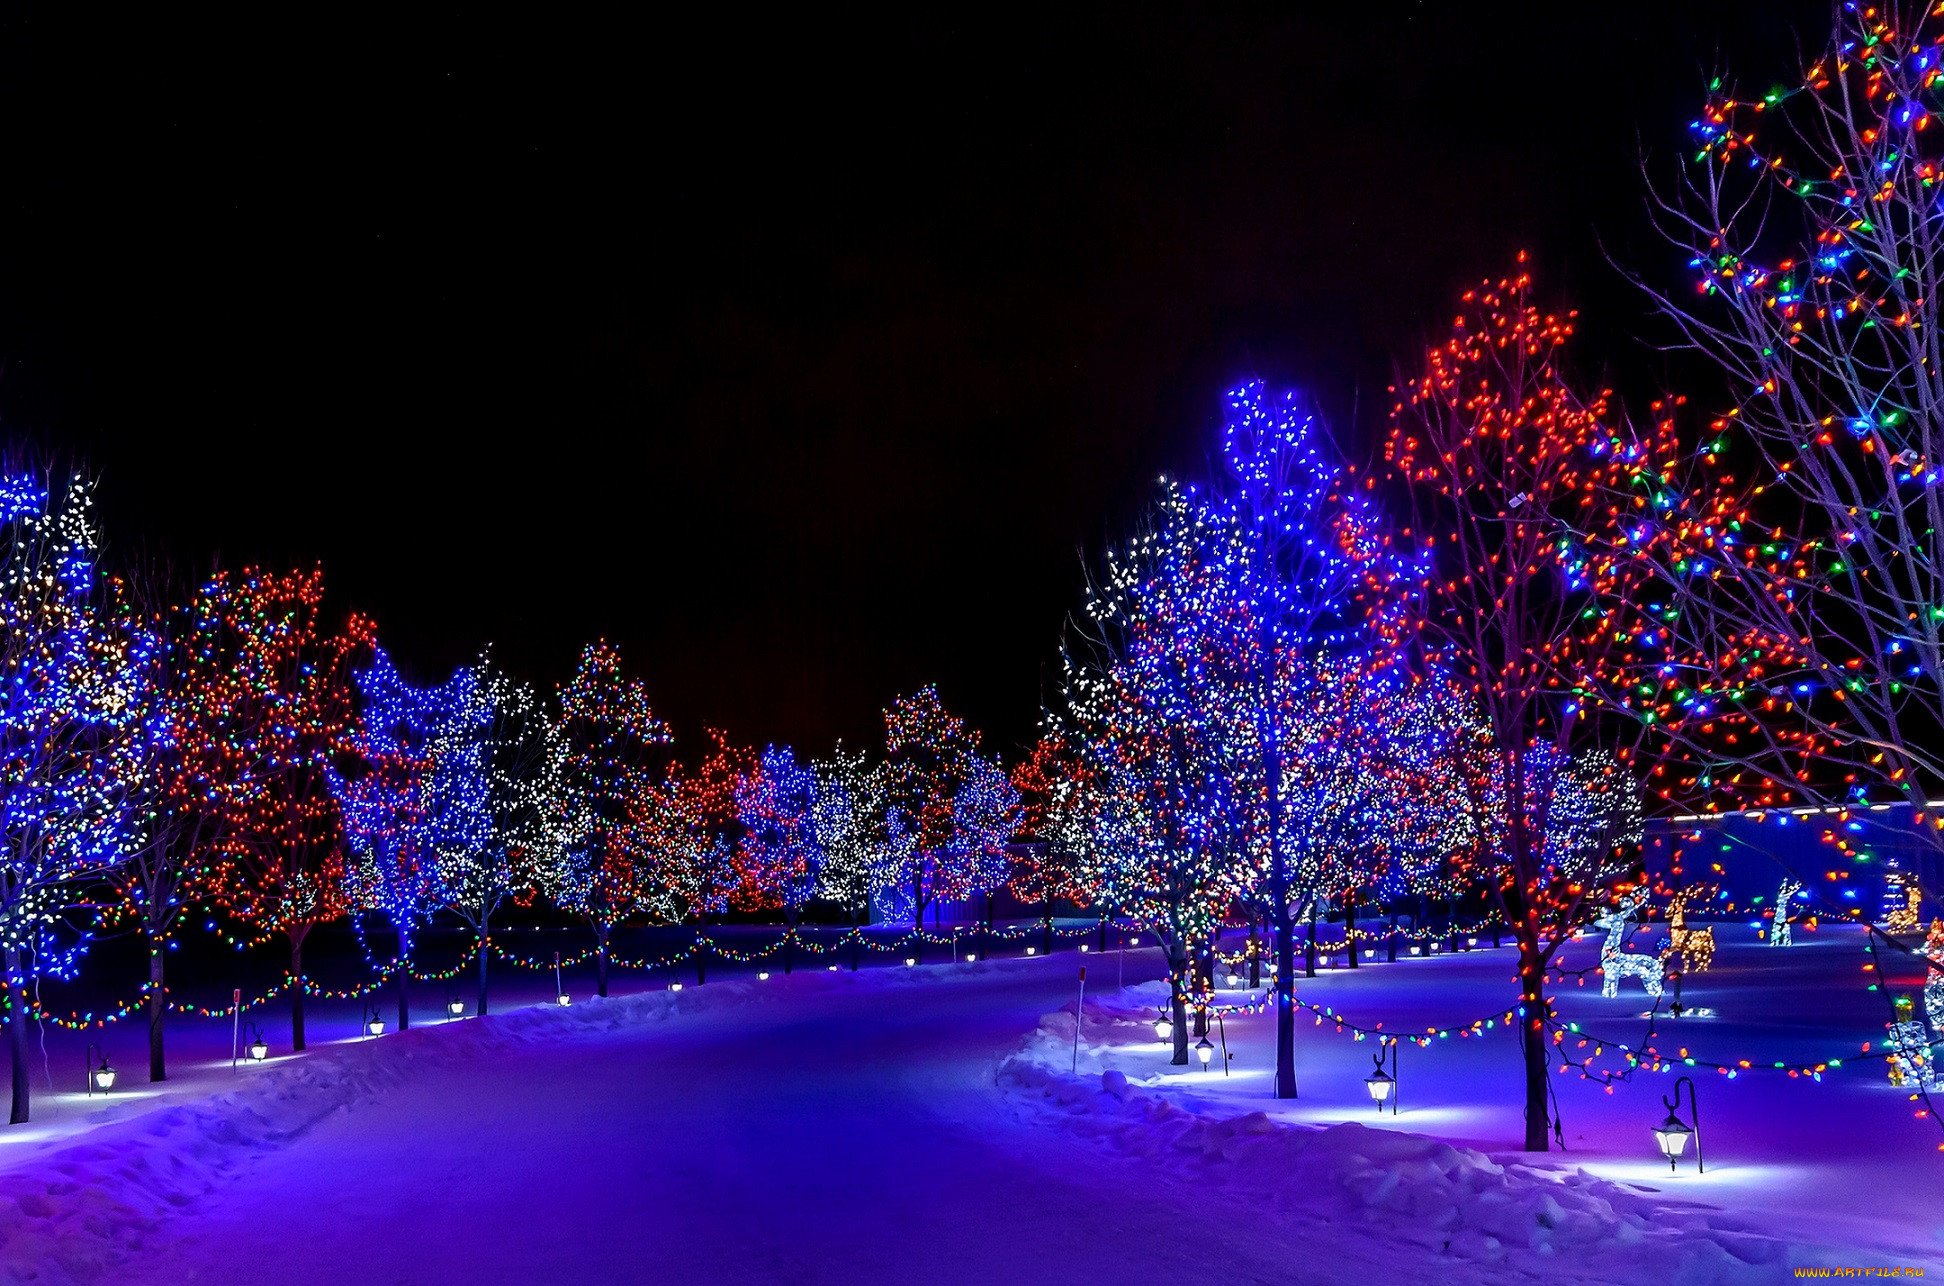 картинки нового года ночью желаемого результата